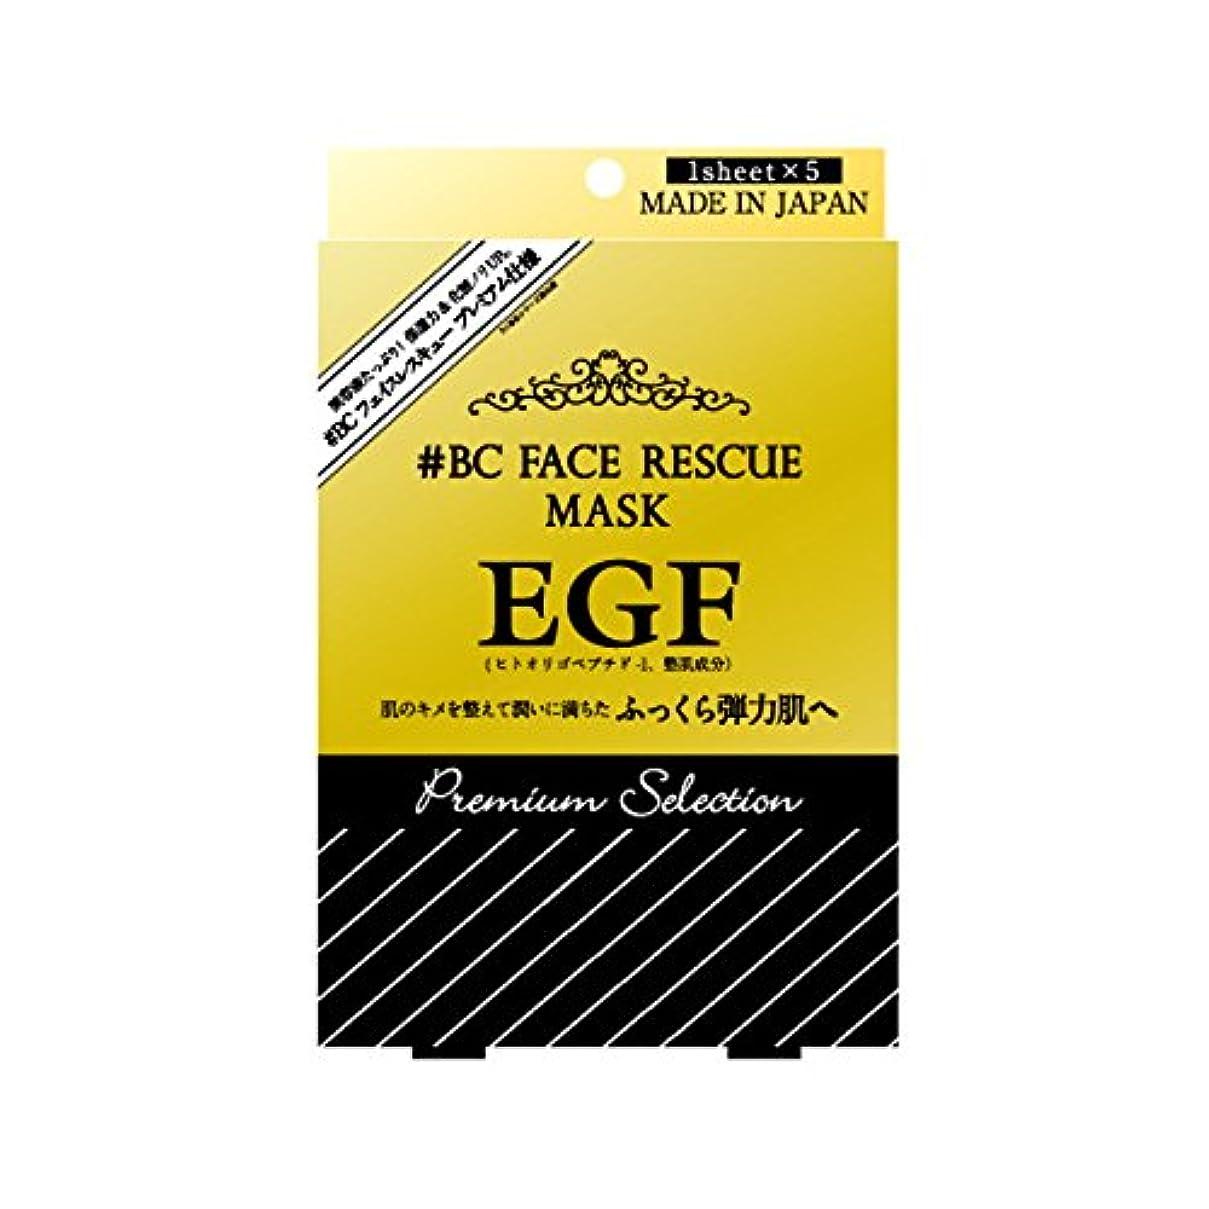 EGF フェイスレスキューマスク PS 1箱(25ml×5枚)